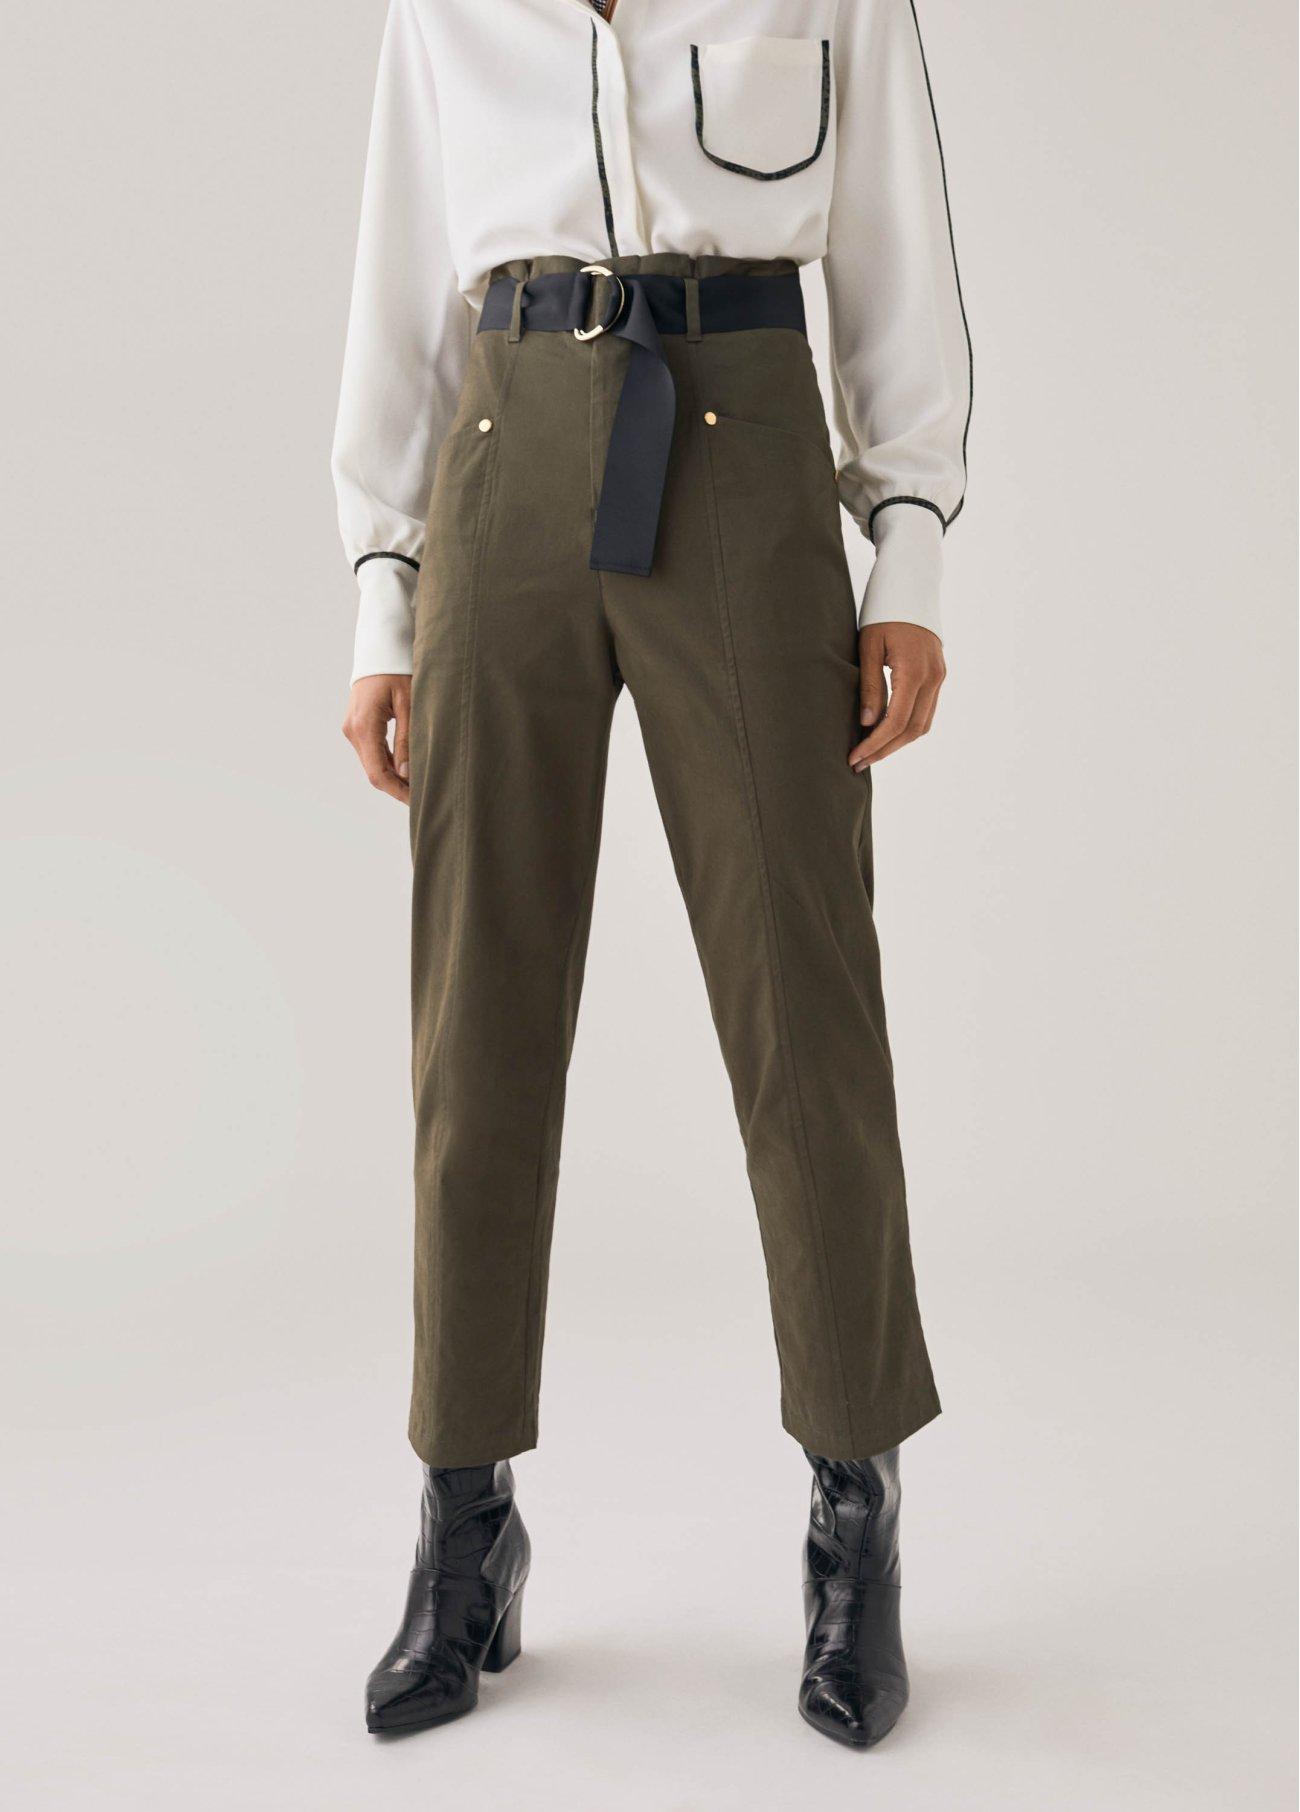 Pantalón cargo con cinturón, kaki 2